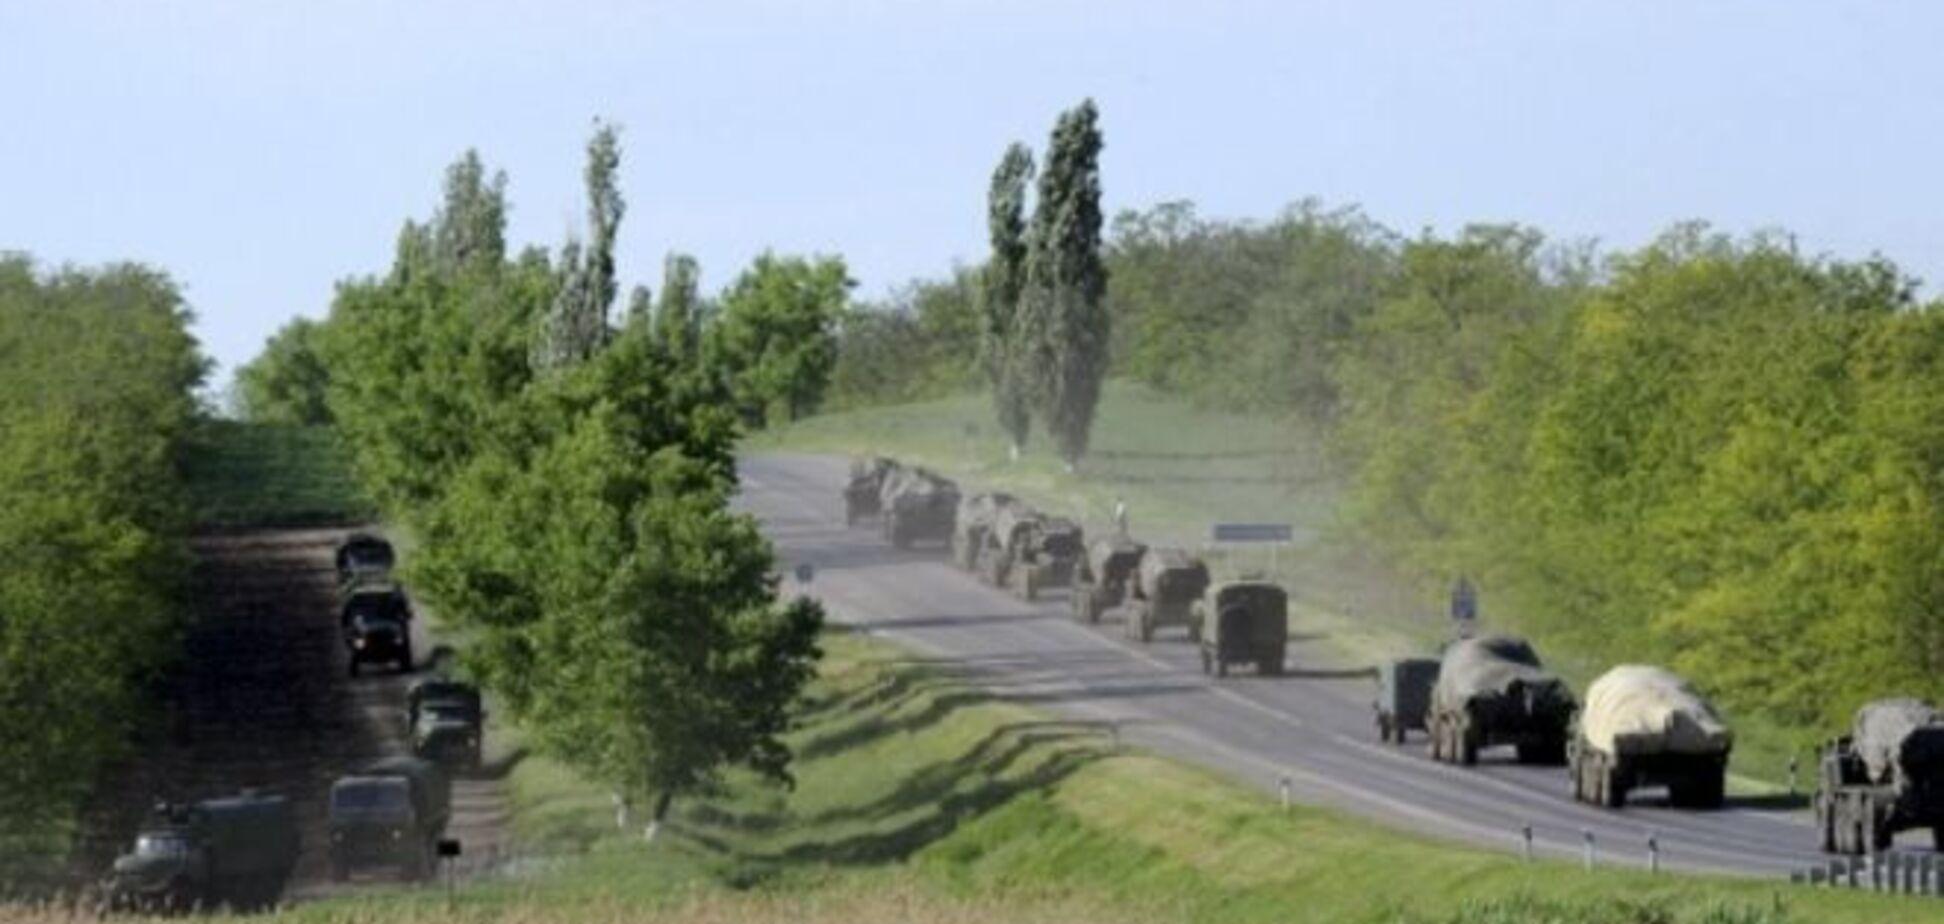 Огромная колонна российской военной техники направилась к границе Украины: фотофакт